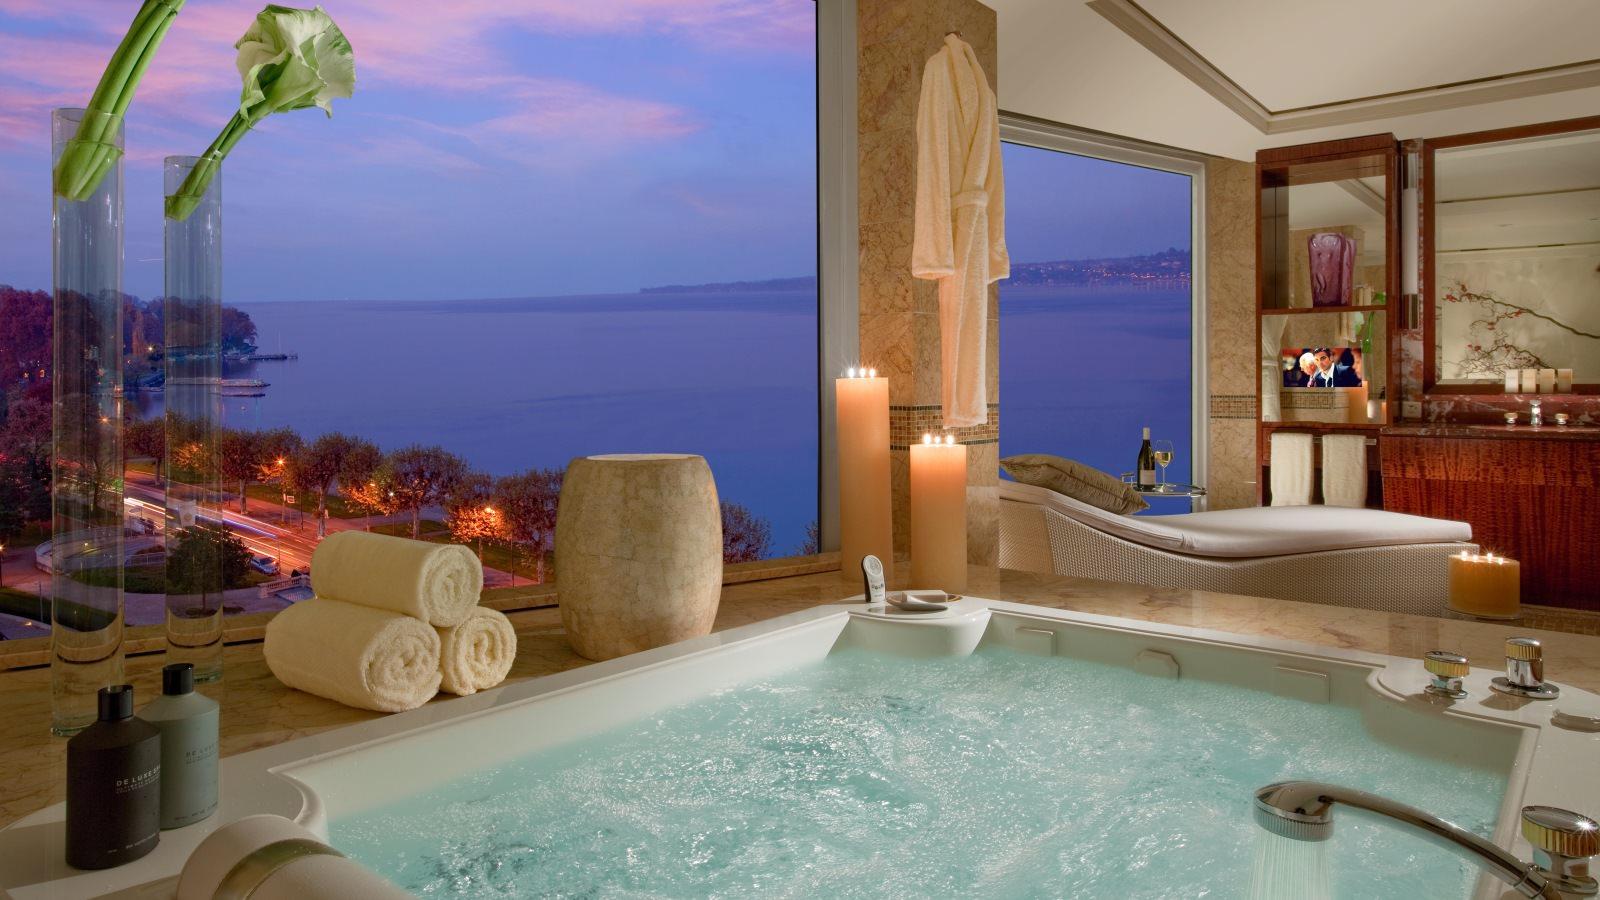 La suite più cara del mondo